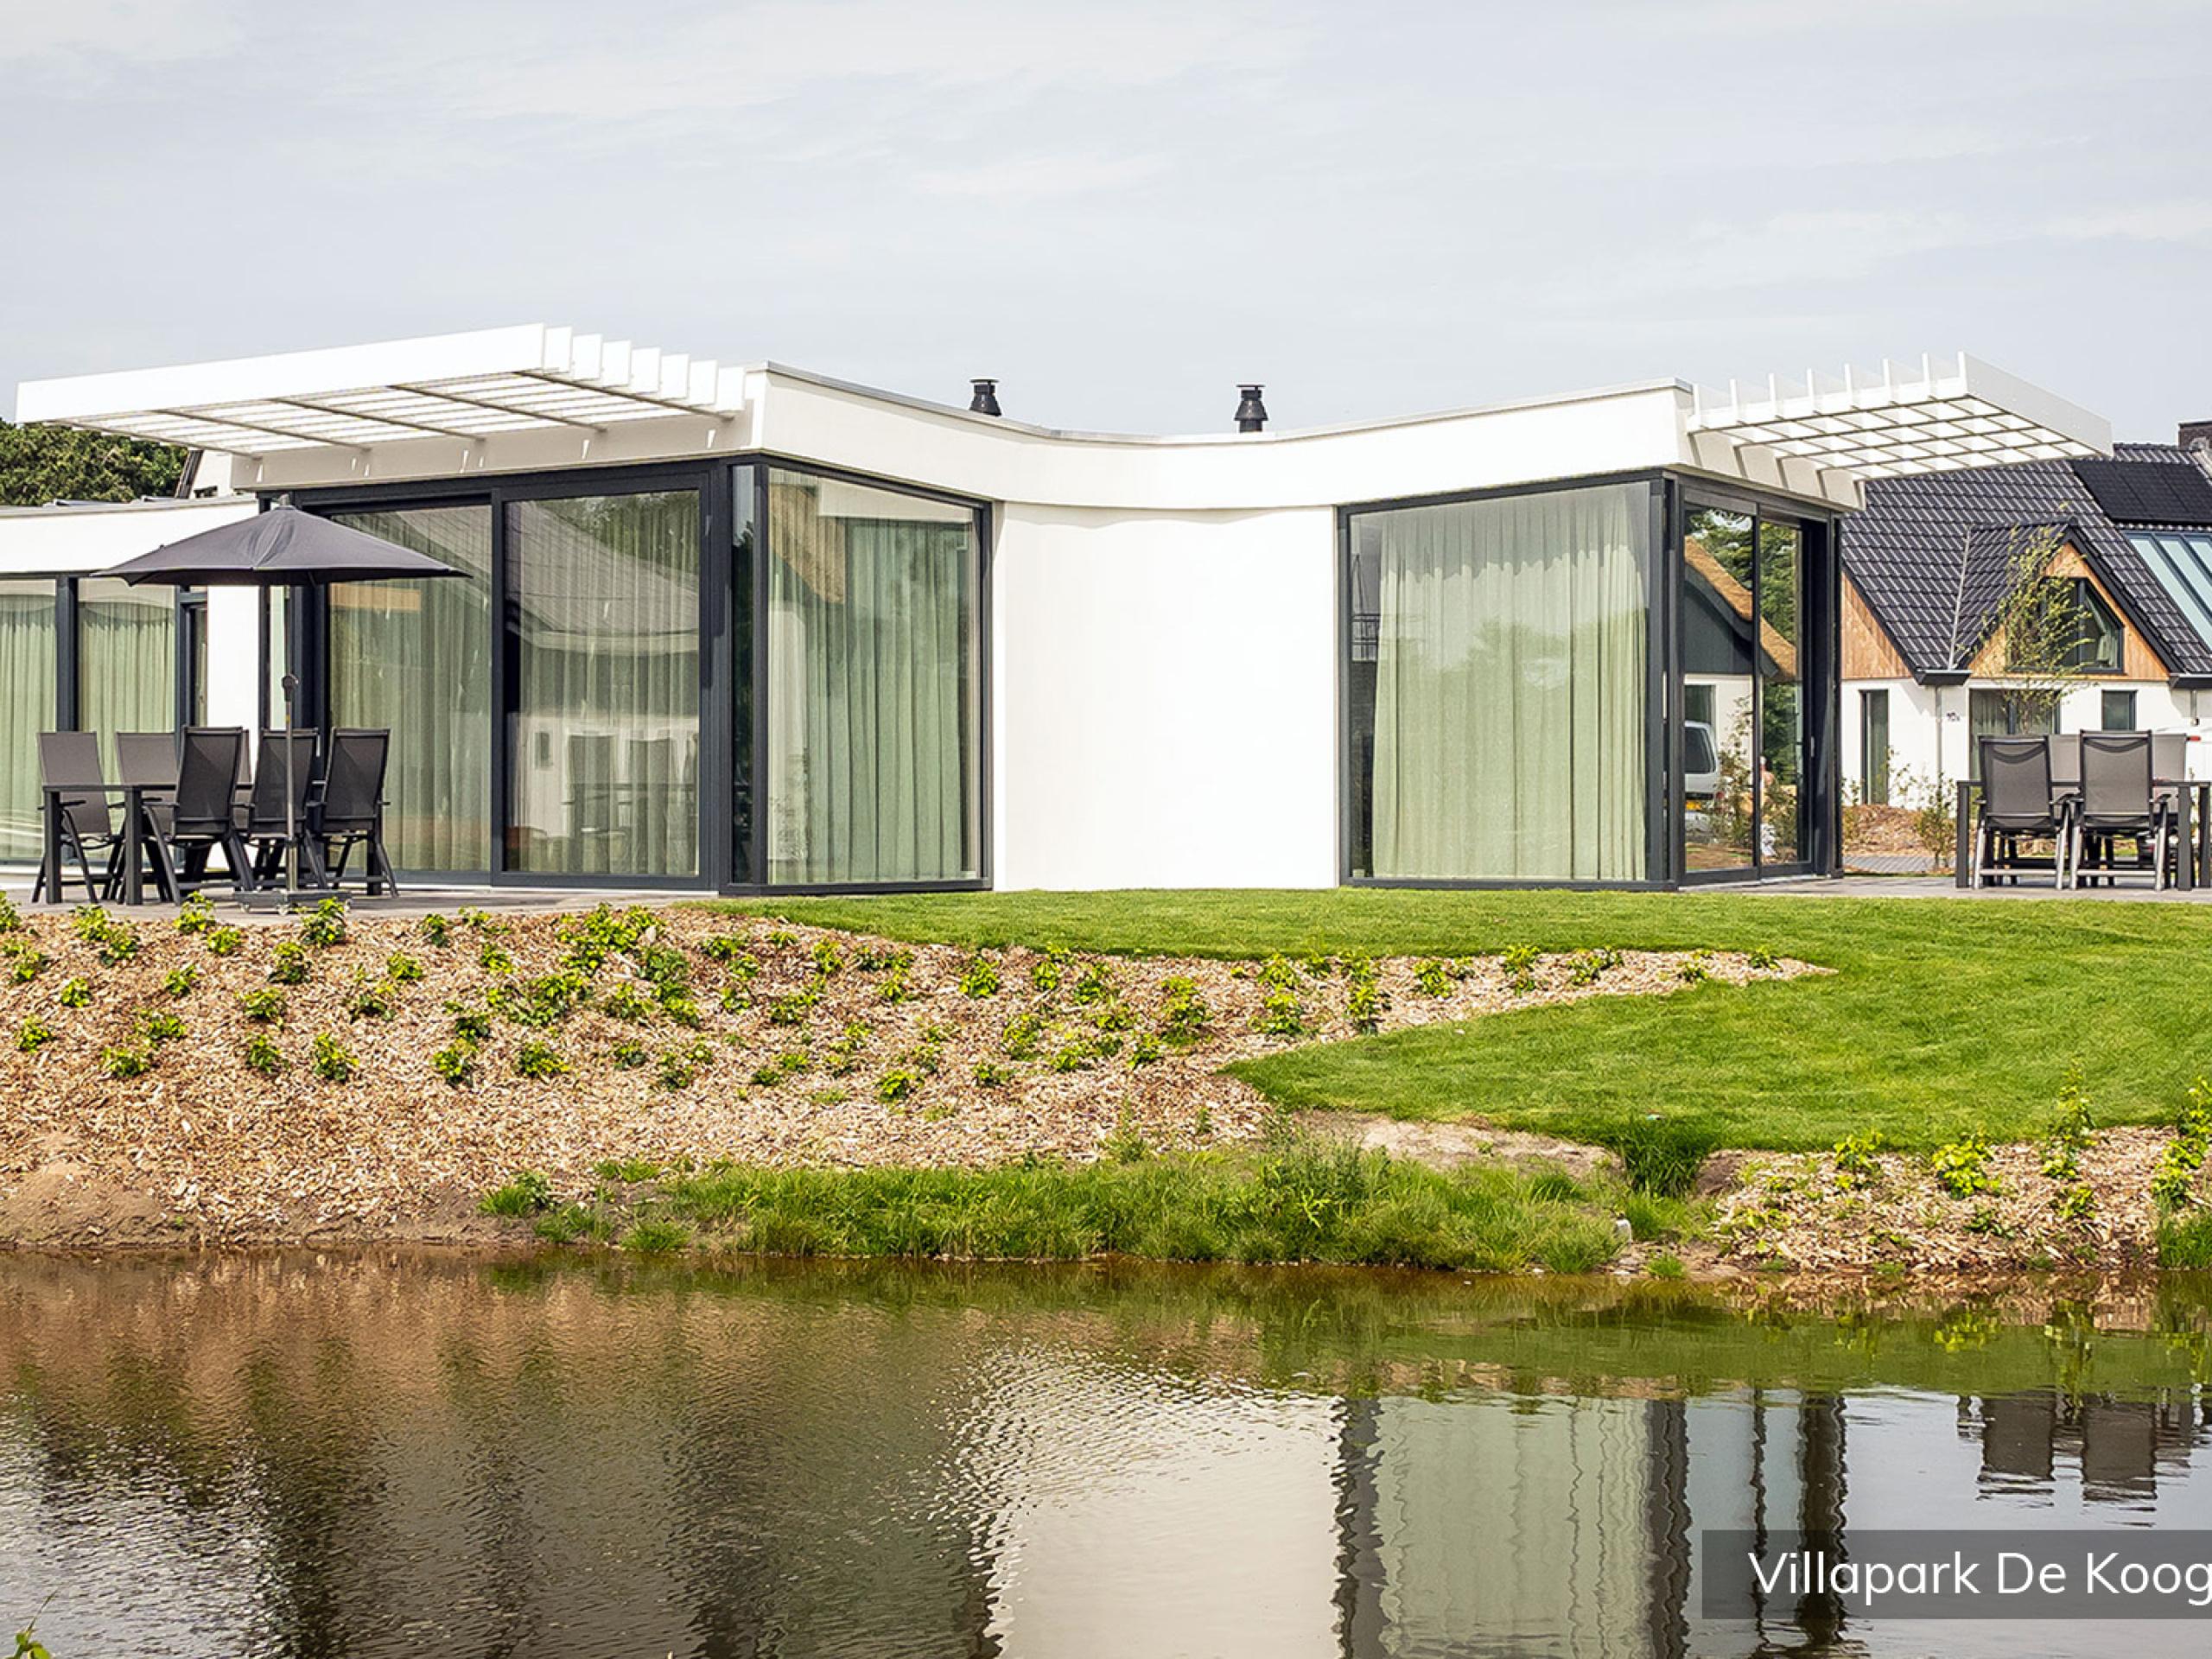 Luxe familievilla voor 8 personen op villapark in De Koog